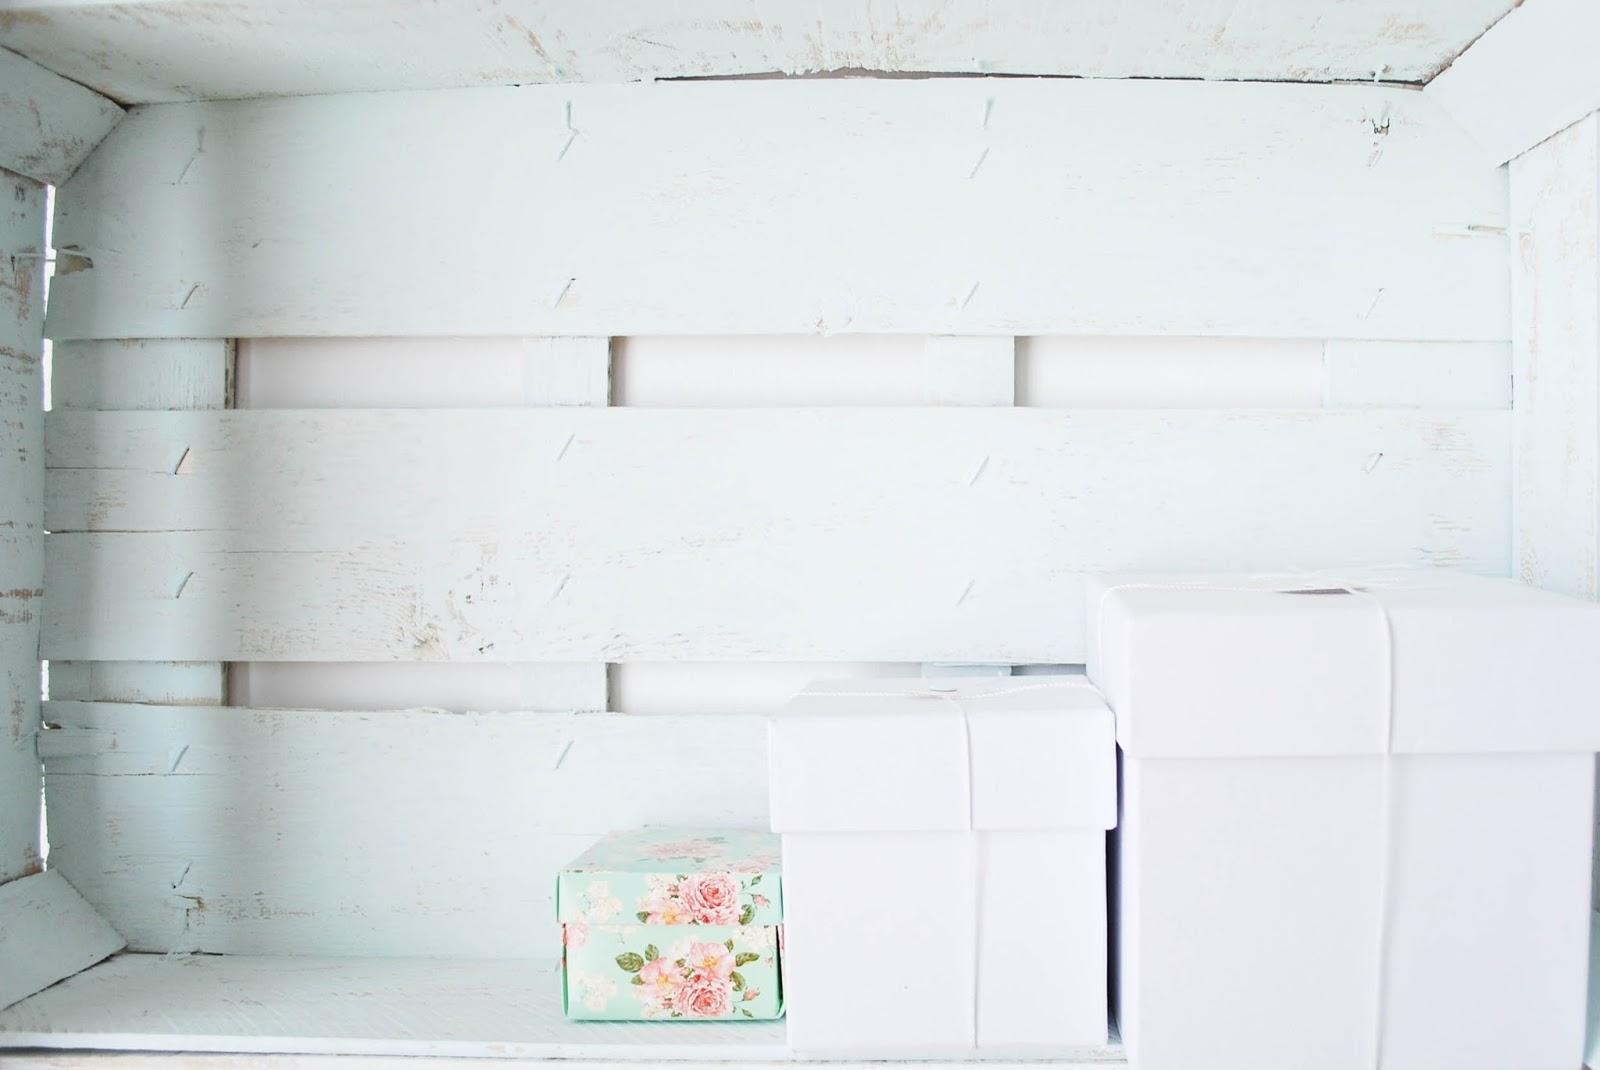 http://www.hommum.com/2014/05/diy-mi-estanteria-con-cajas-de-fruta.html #diy #woodenboxes #estanteríaconcajas